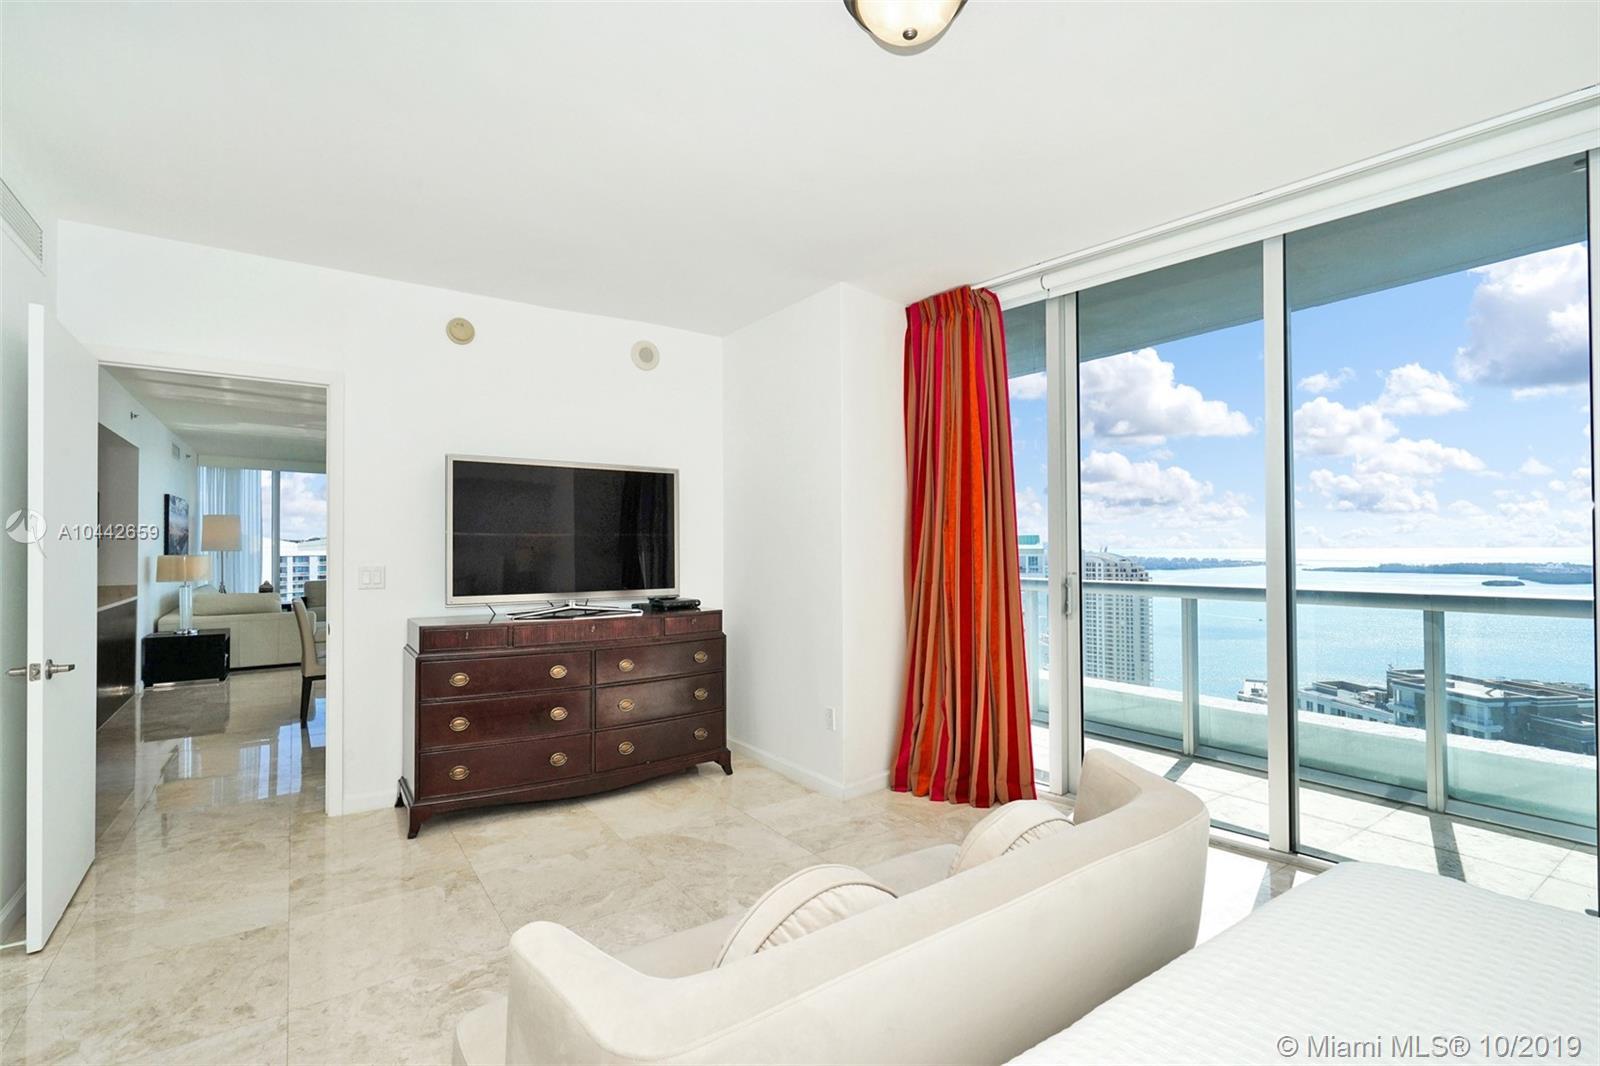 465 Brickell Ave, Miami, FL 33131, Icon Brickell I #4201, Brickell, Miami A10442659 image #18